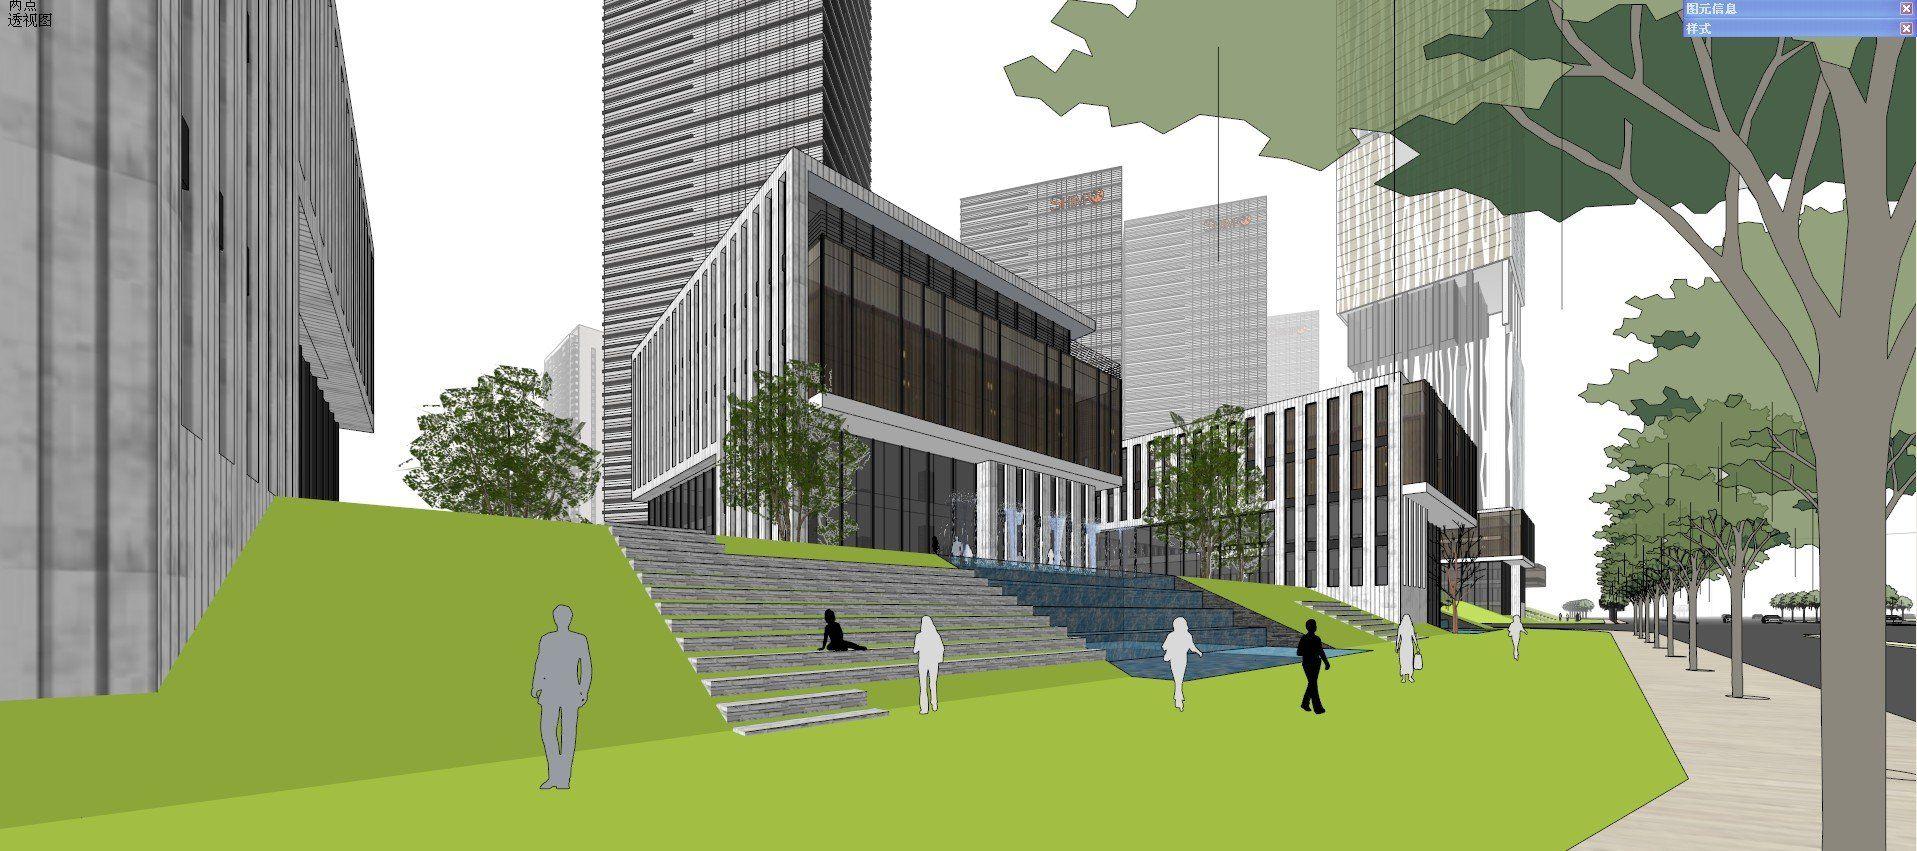 ☆Sketchup 3D Models-Business Building Sketchup Models 22